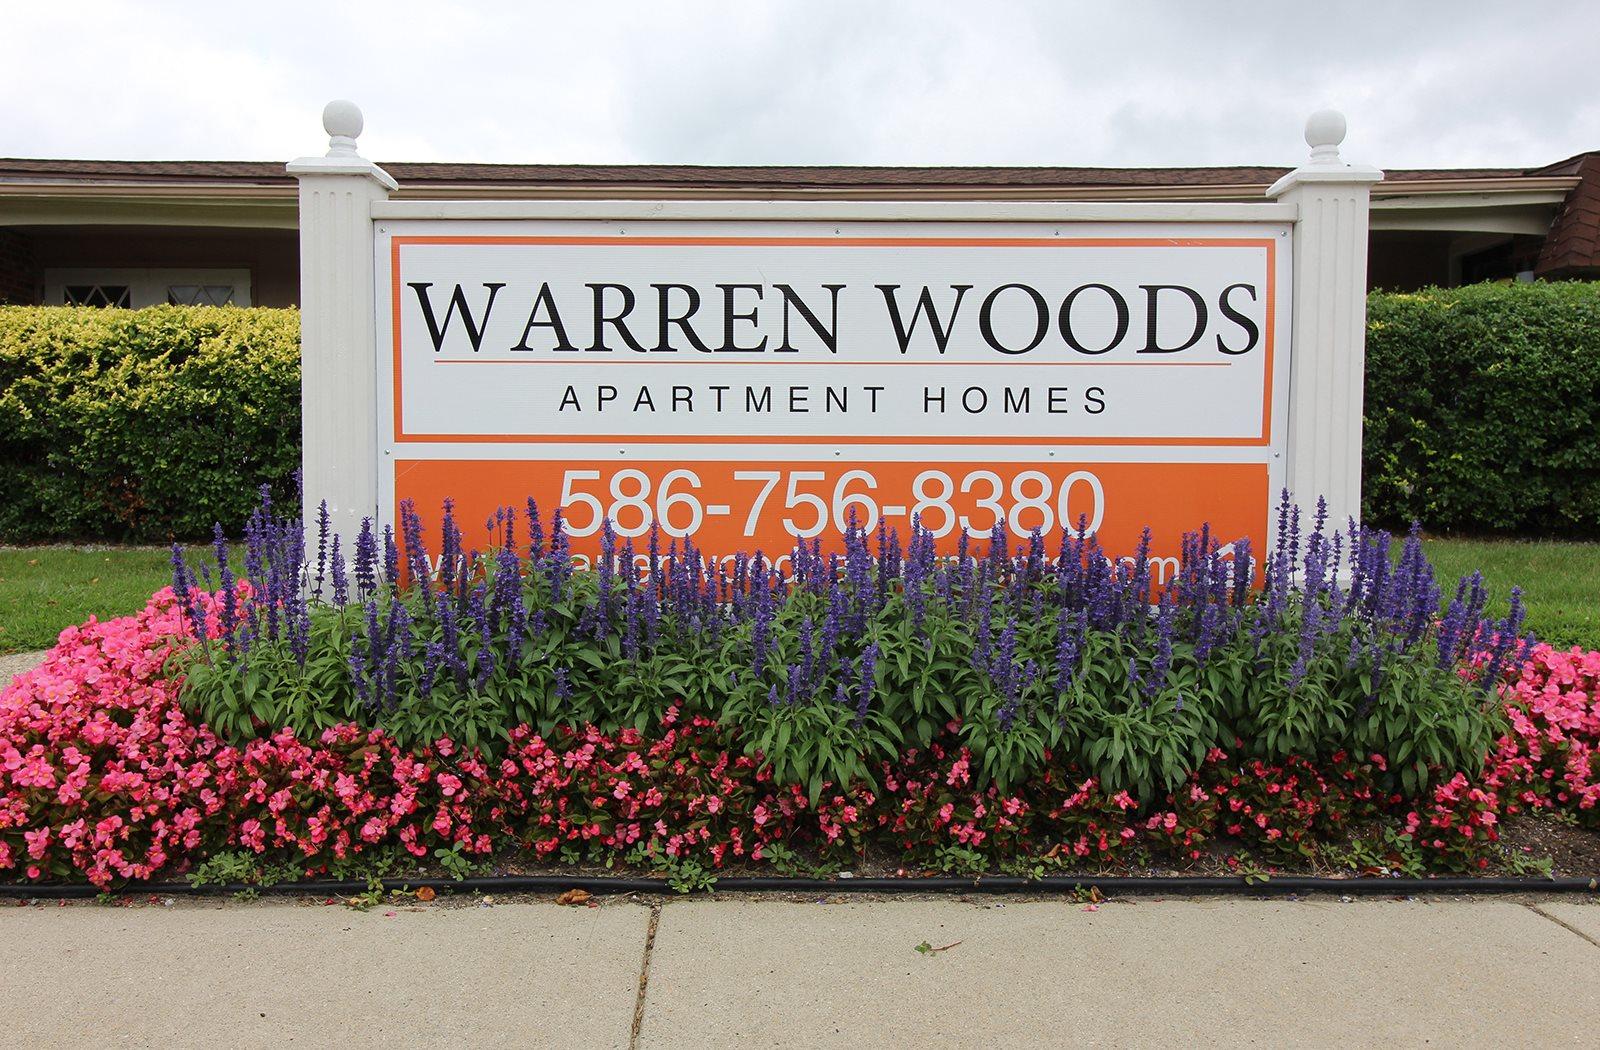 Warren Woods | Apartments in Warren, MI